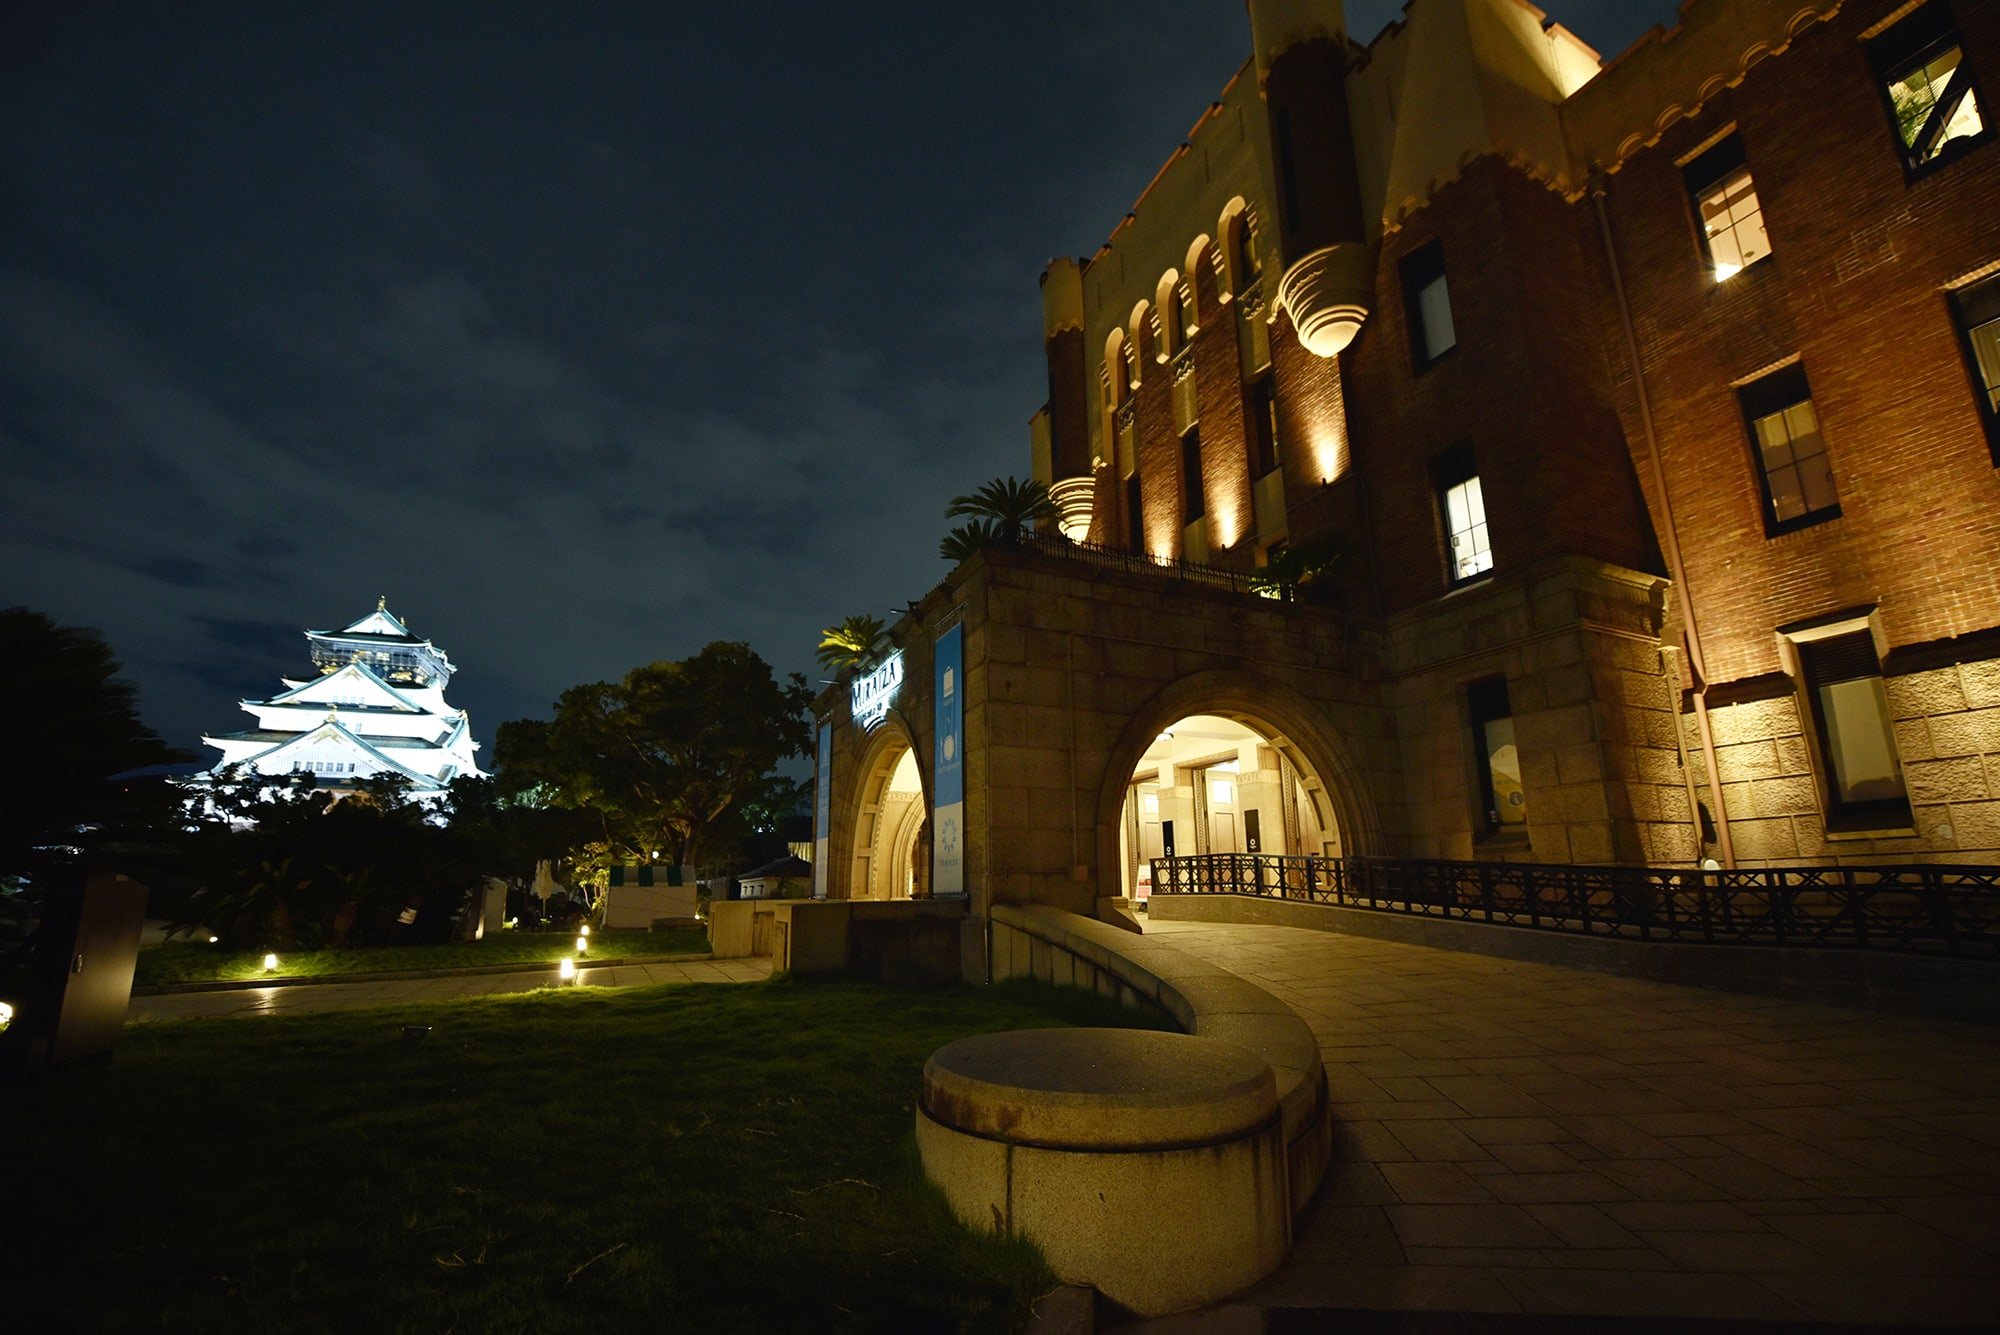 """面向大阪城的""""MIRAIZA OSAKA-JO""""(大坂城公园中的历史建筑,文化与餐饮的复合设施),""""RELAIS & CHATEAUX""""全球知名庄园城堡饭店组织日本分会成立30周年节日晚宴的会场。"""